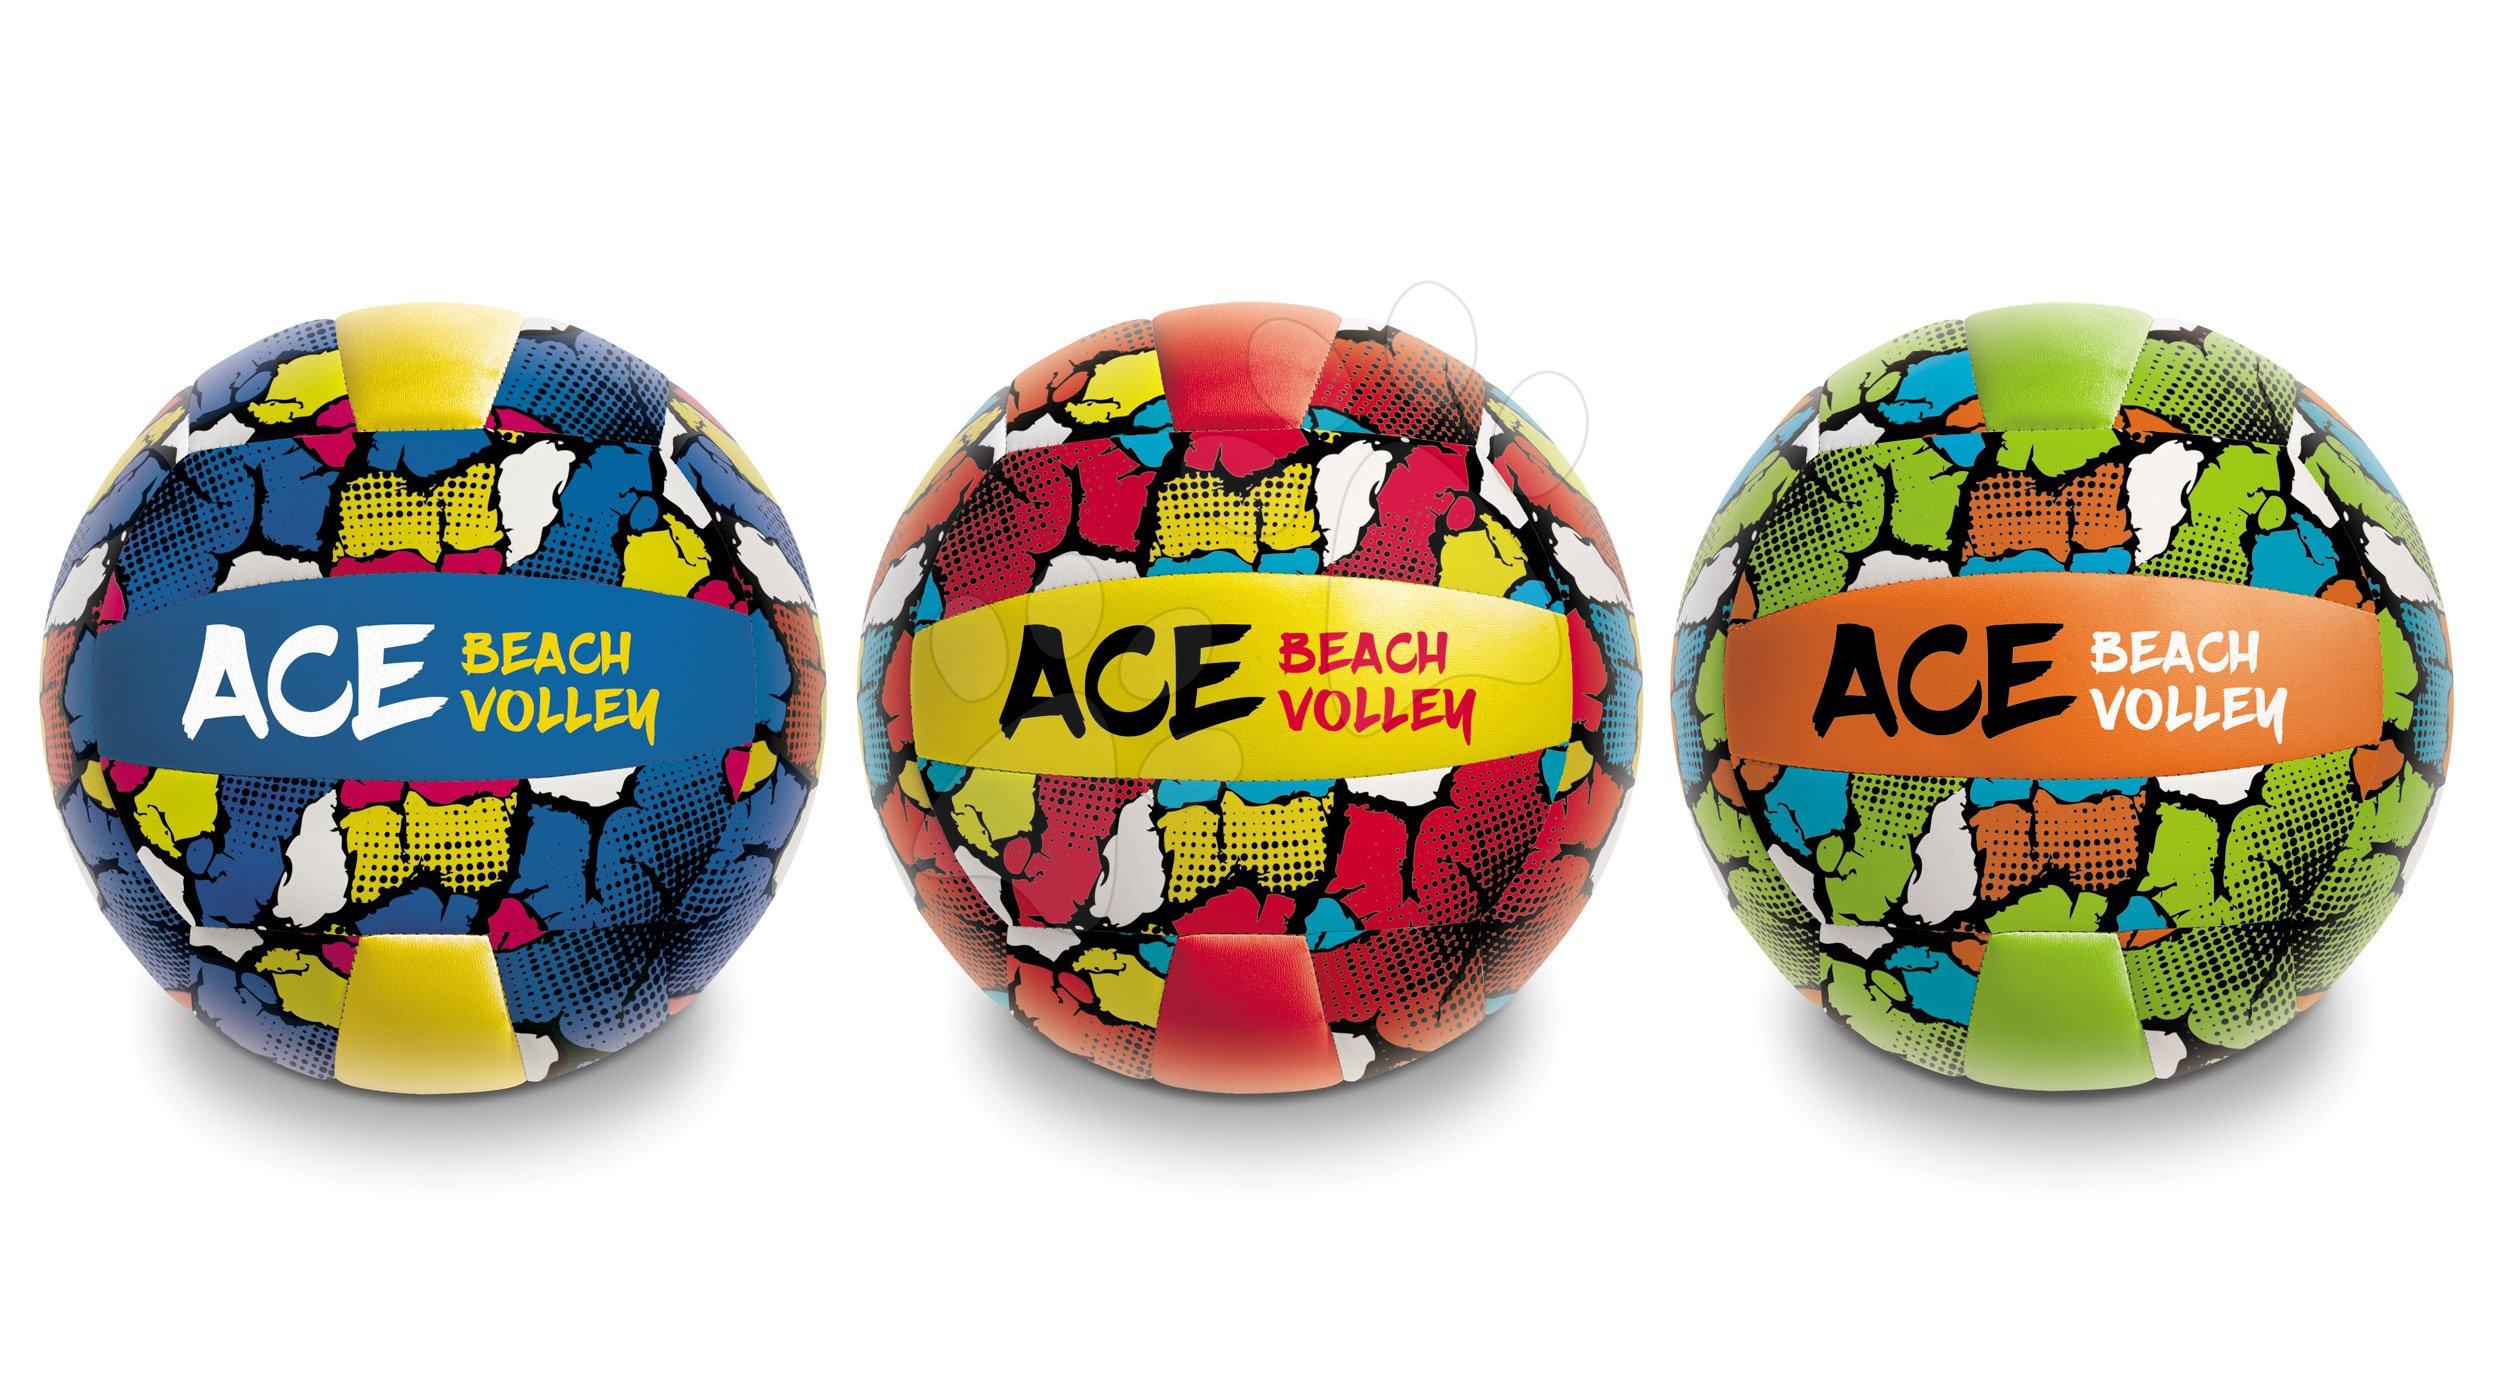 Sportovní míče - Volejbalový míč šitý Beach Volley Ace Mondo velikost 5